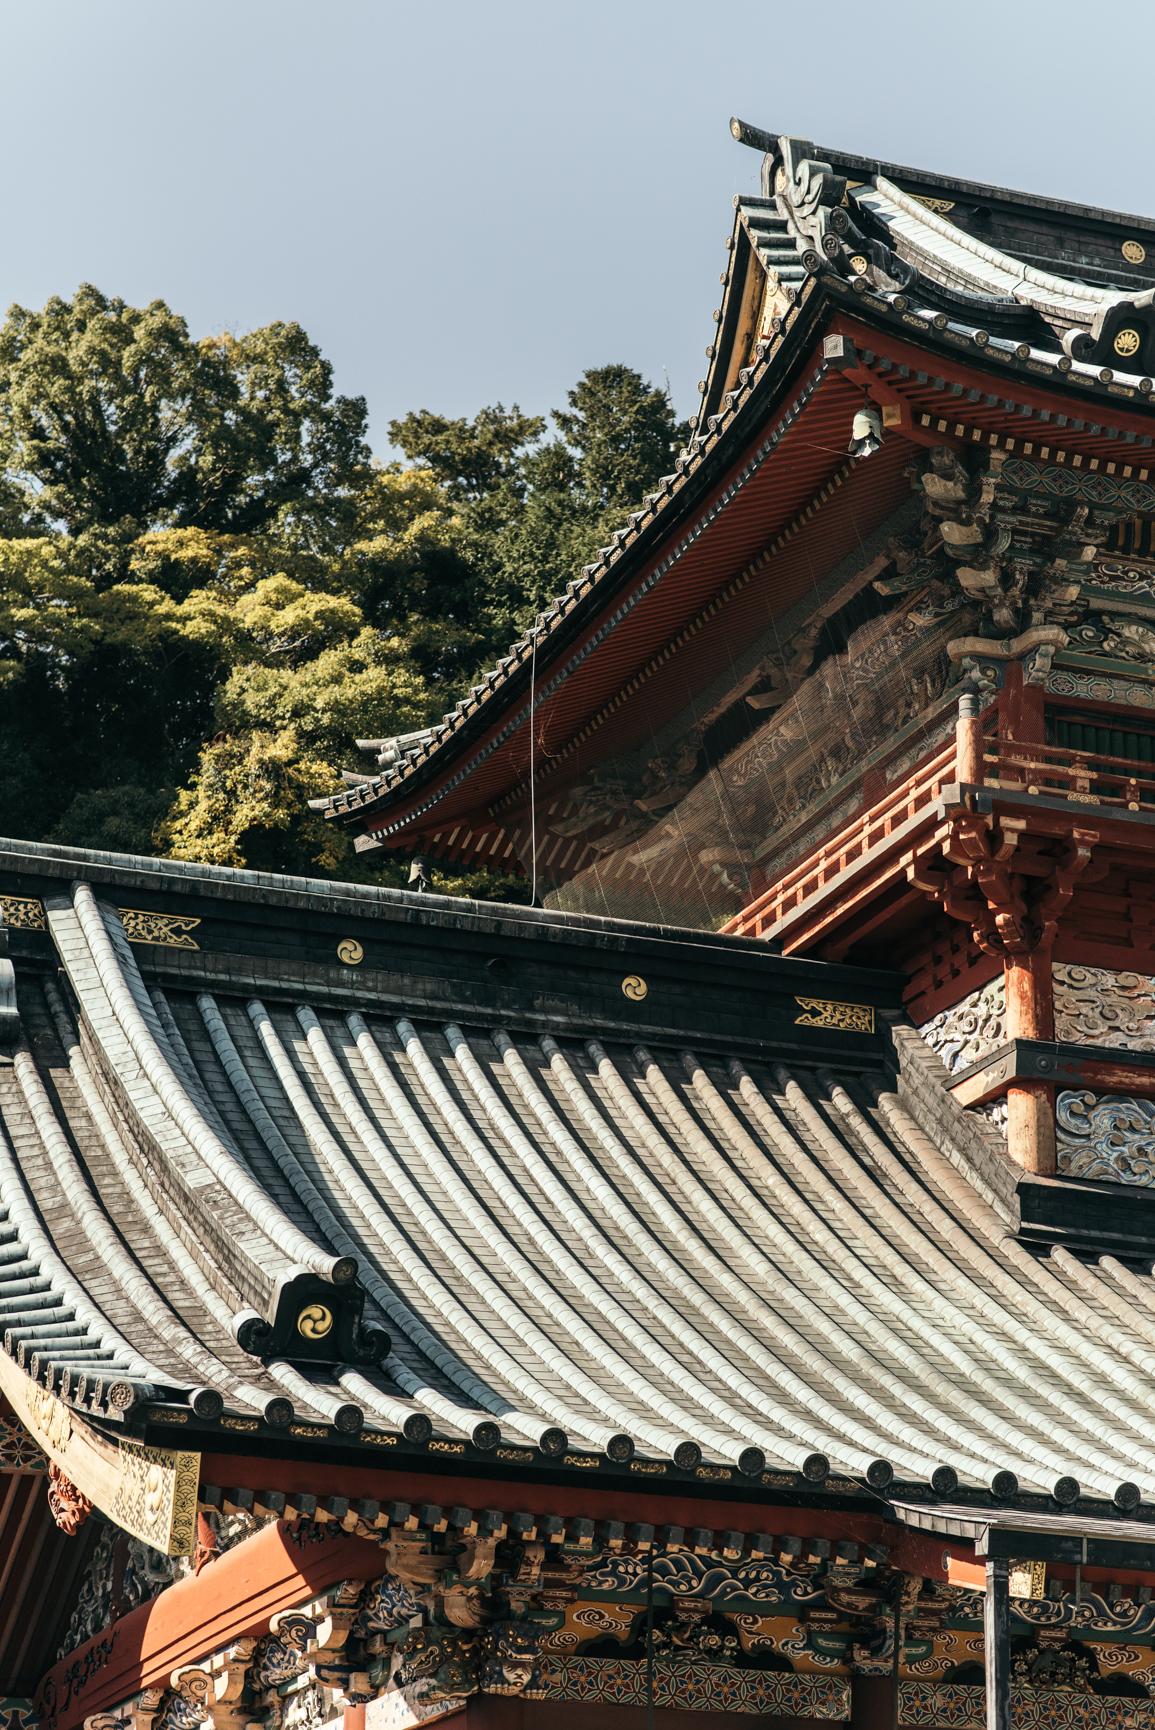 161113-Japan-5003207-112511-9577.jpg